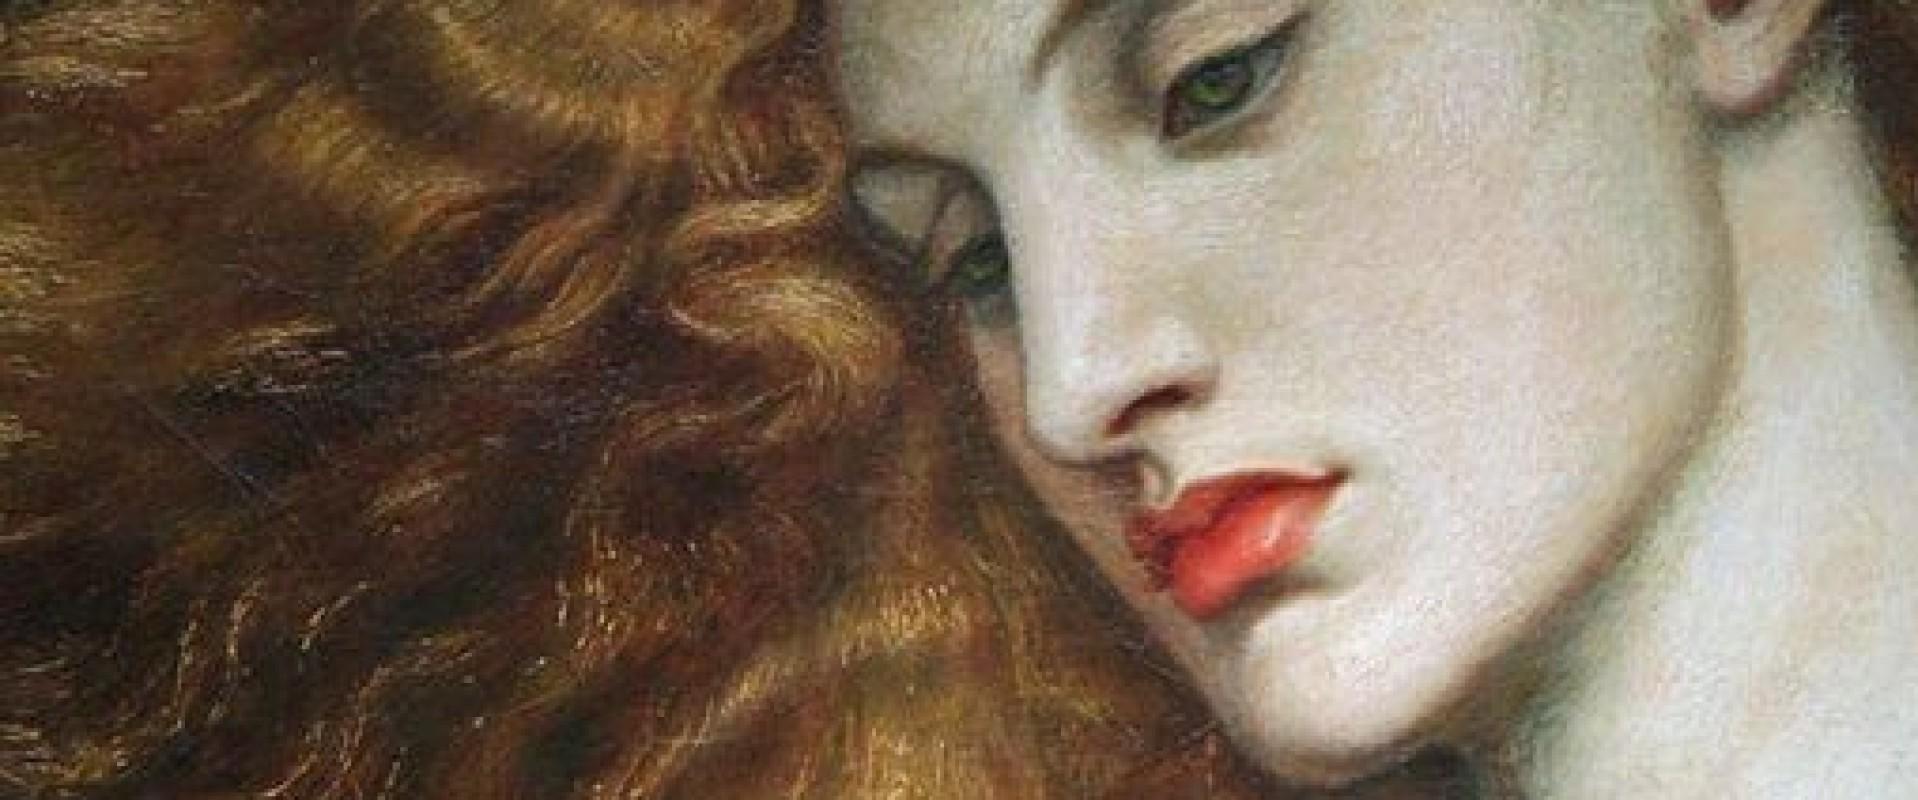 Openbaring van Maria Magdalena en Jezus over de spirituele waarde van het ego van de mens